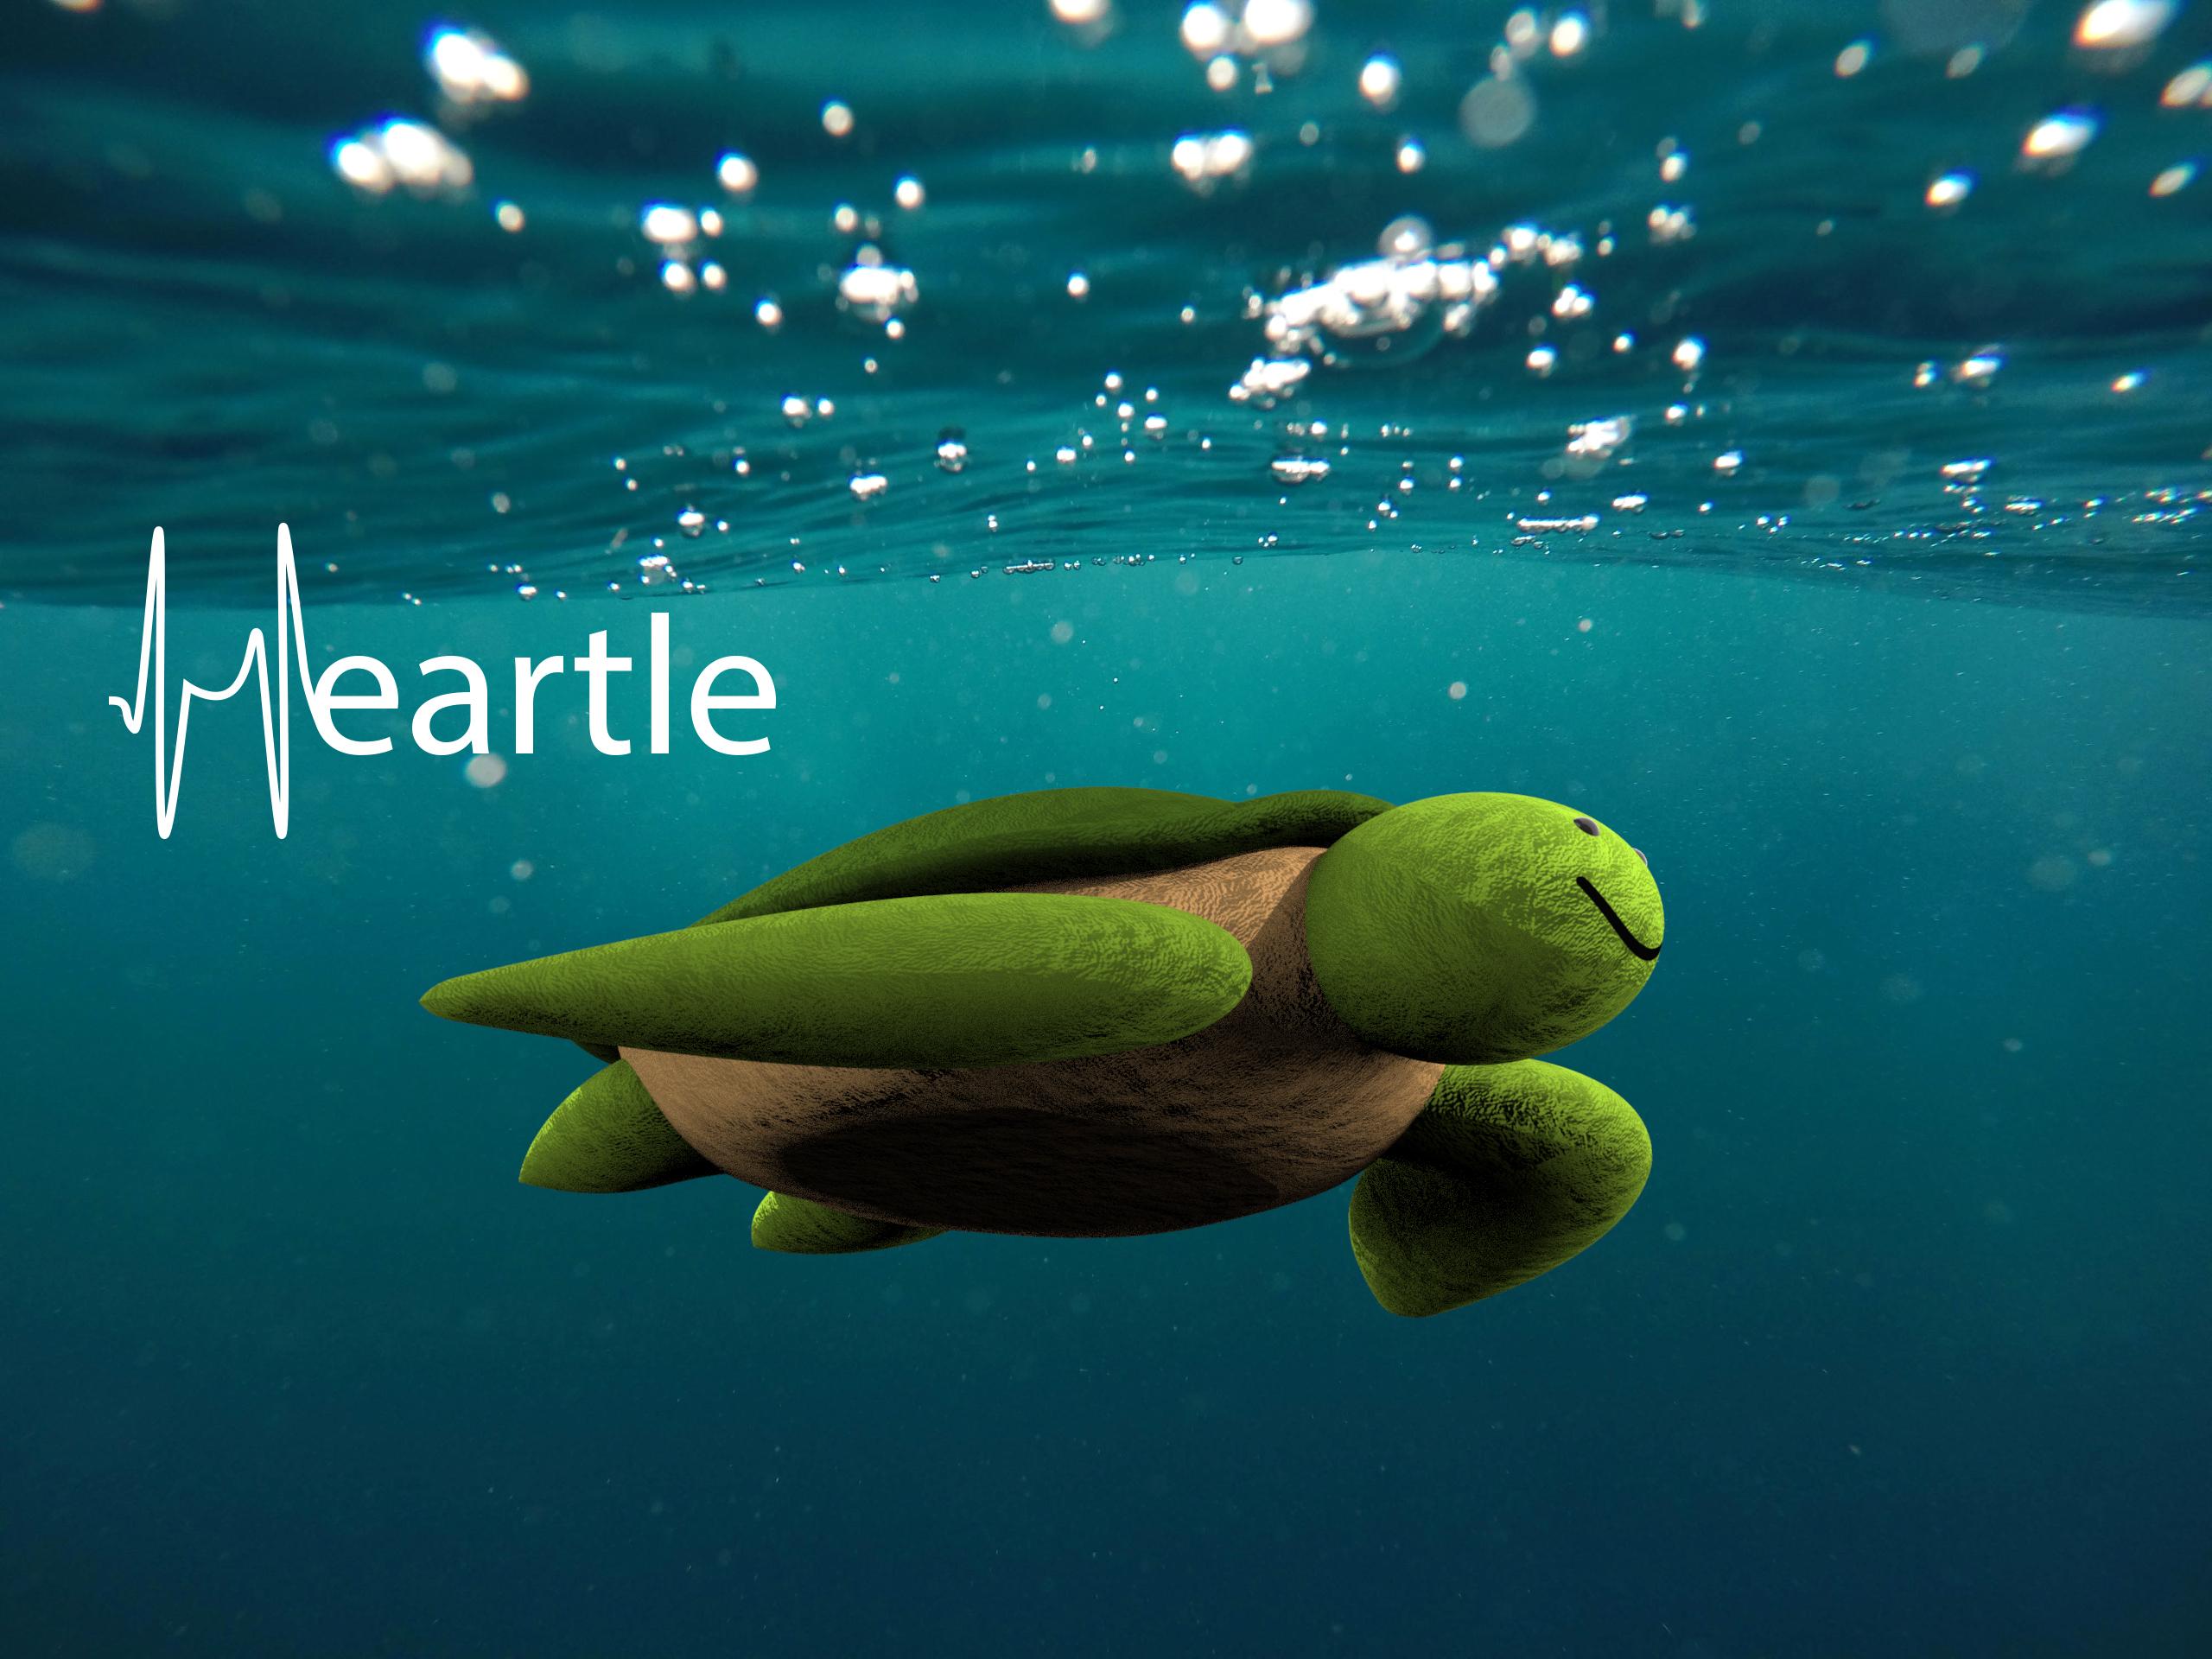 HEARTLE: stringi il suo cuore al tuo